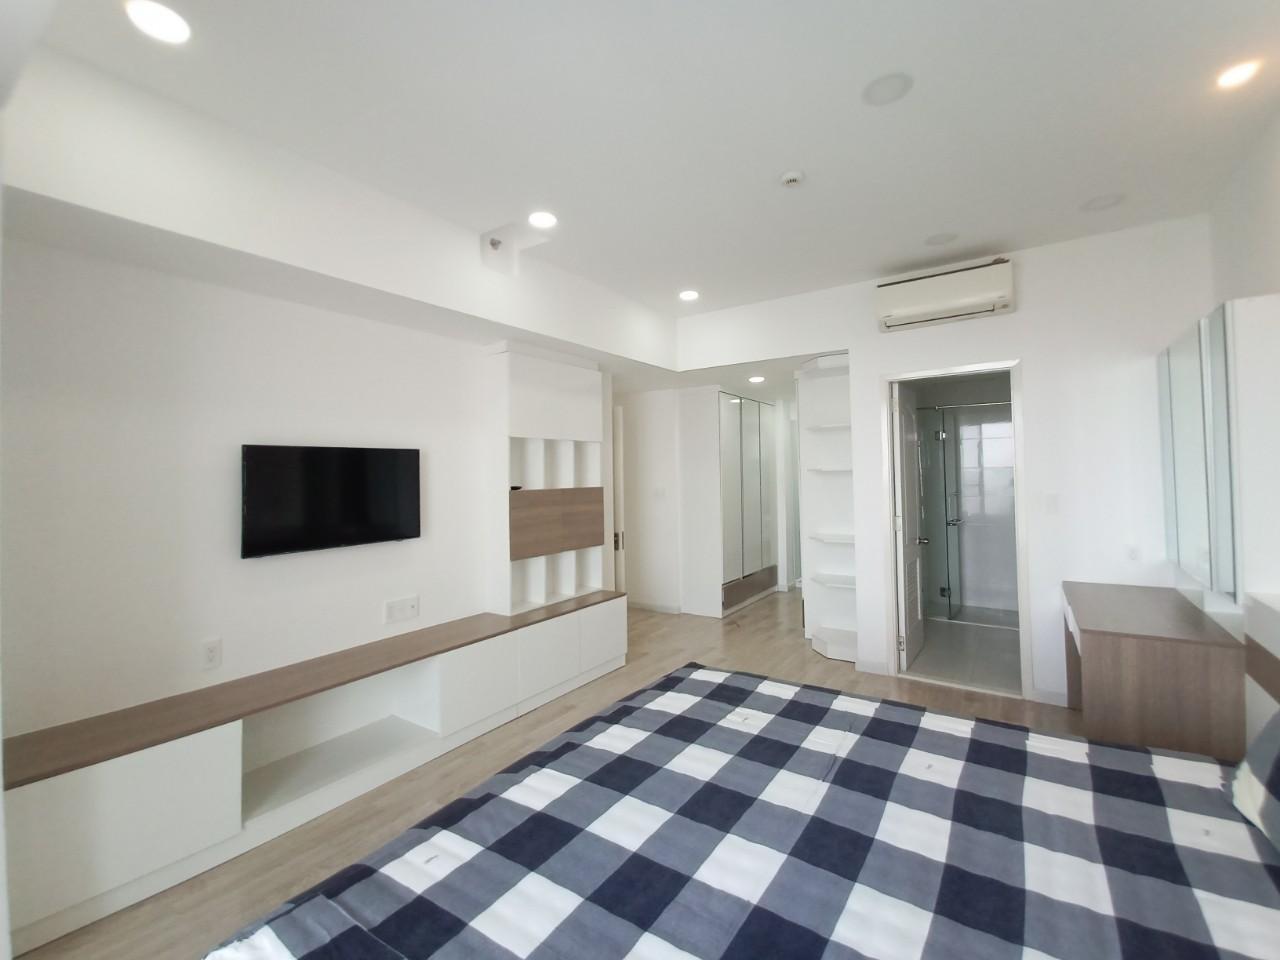 3-bedr3 bedrooms for rent in green valley apartment ooms-for-rent-in-green-valley-apartment (10)